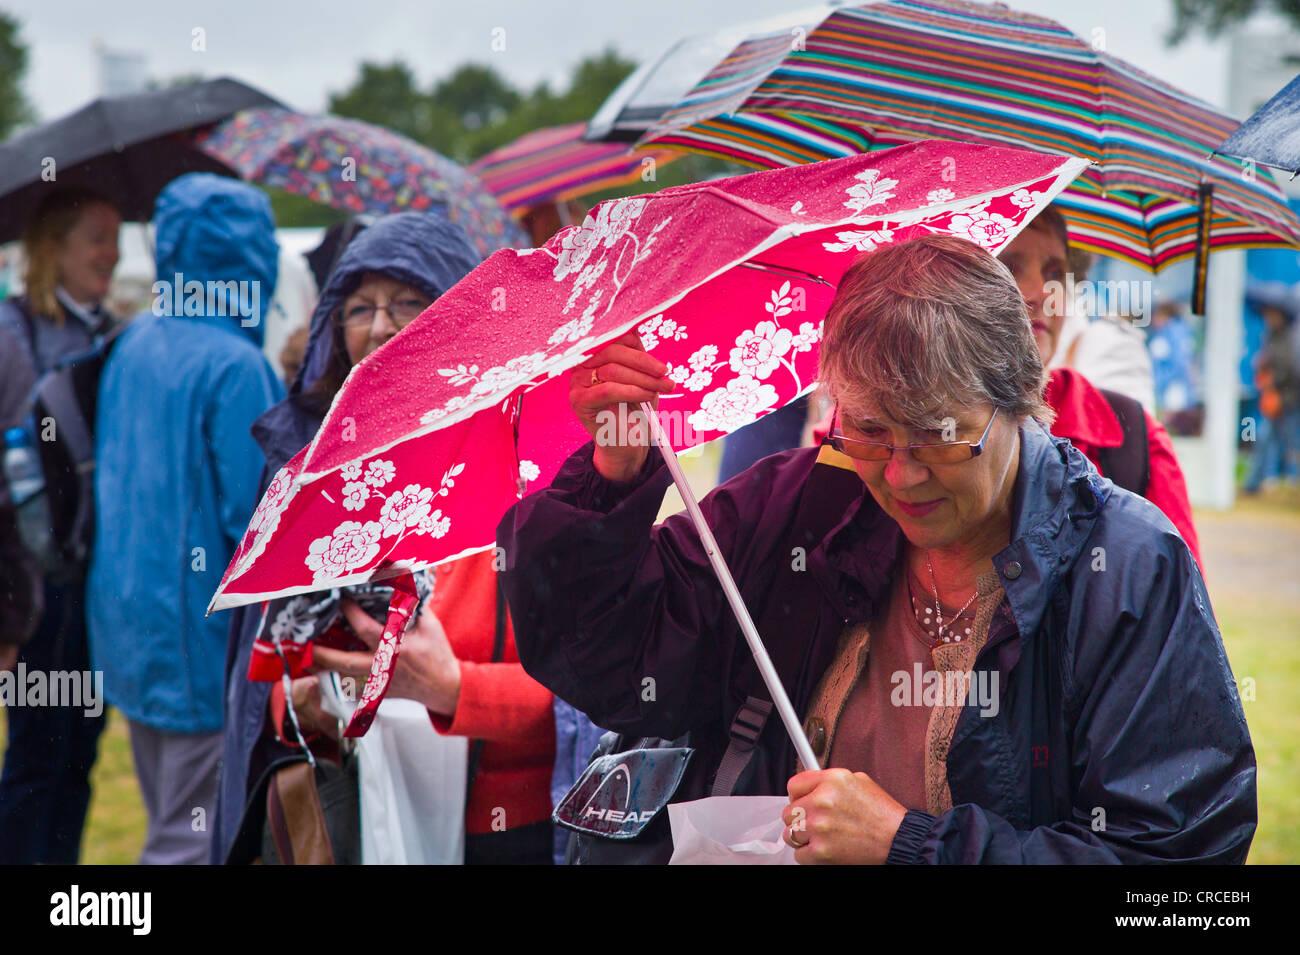 Viele Menschen mit Regenschirmen im RHS Hampton Court Flower show 2011 Stockbild